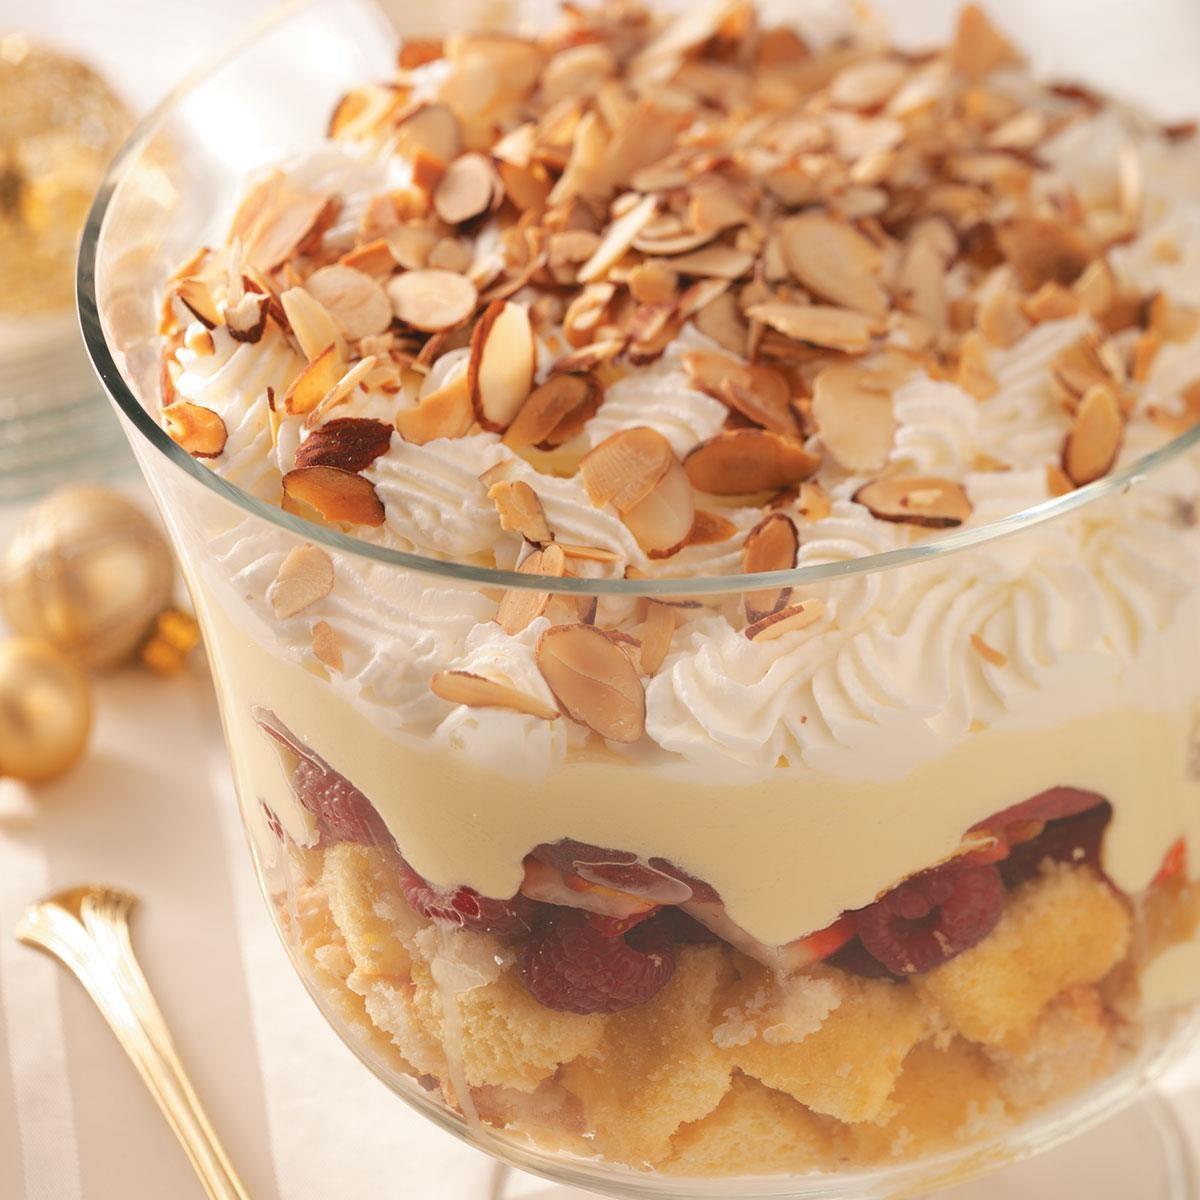 Old English Trifle Recipe